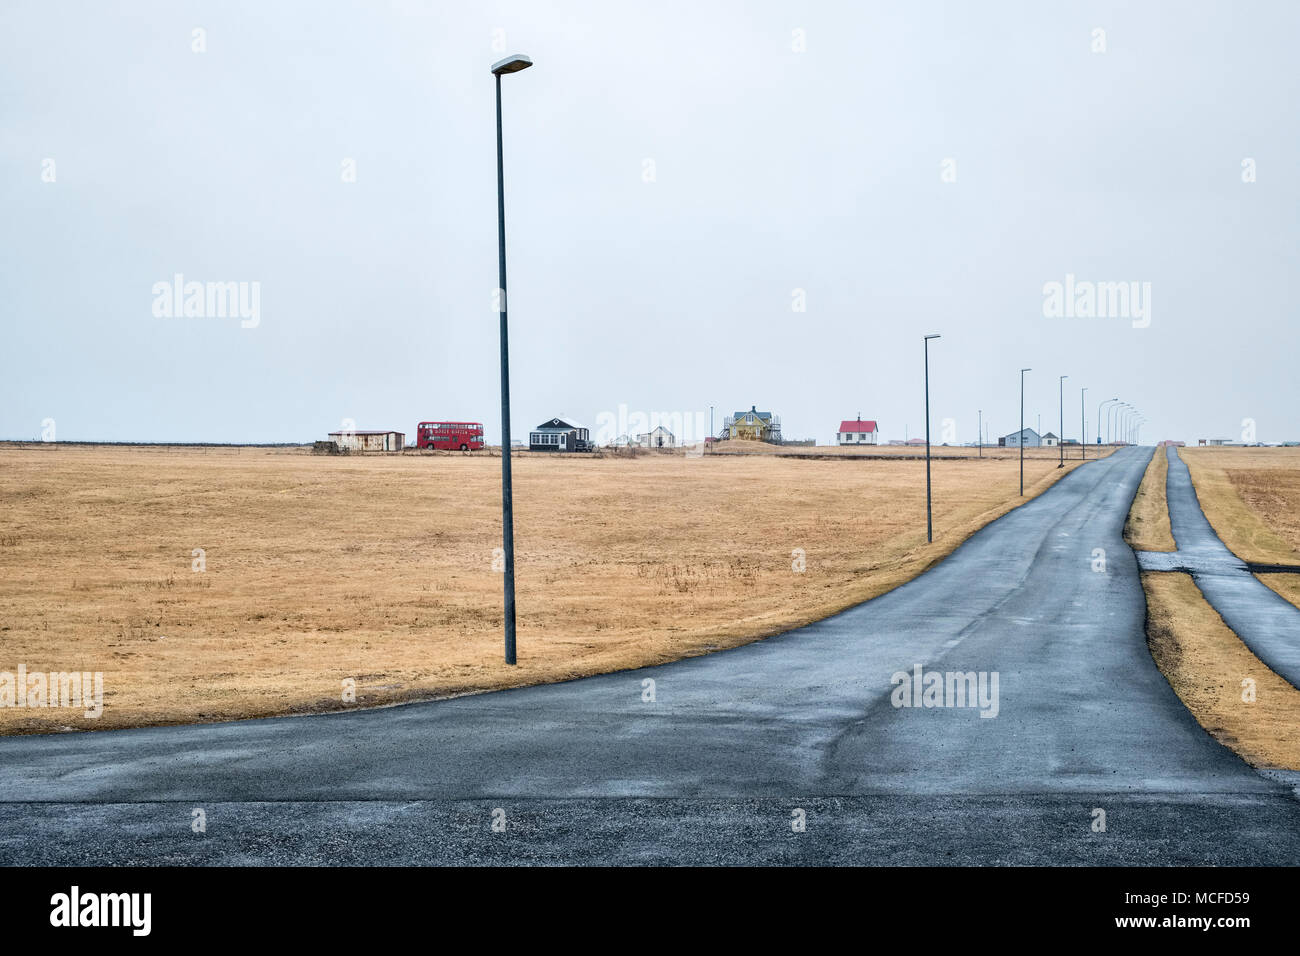 Garðskagi, Garður, l'Islande, à la pointe de la péninsule de Reykjanes, généralement sur un jour de pluie et de gris Photo Stock